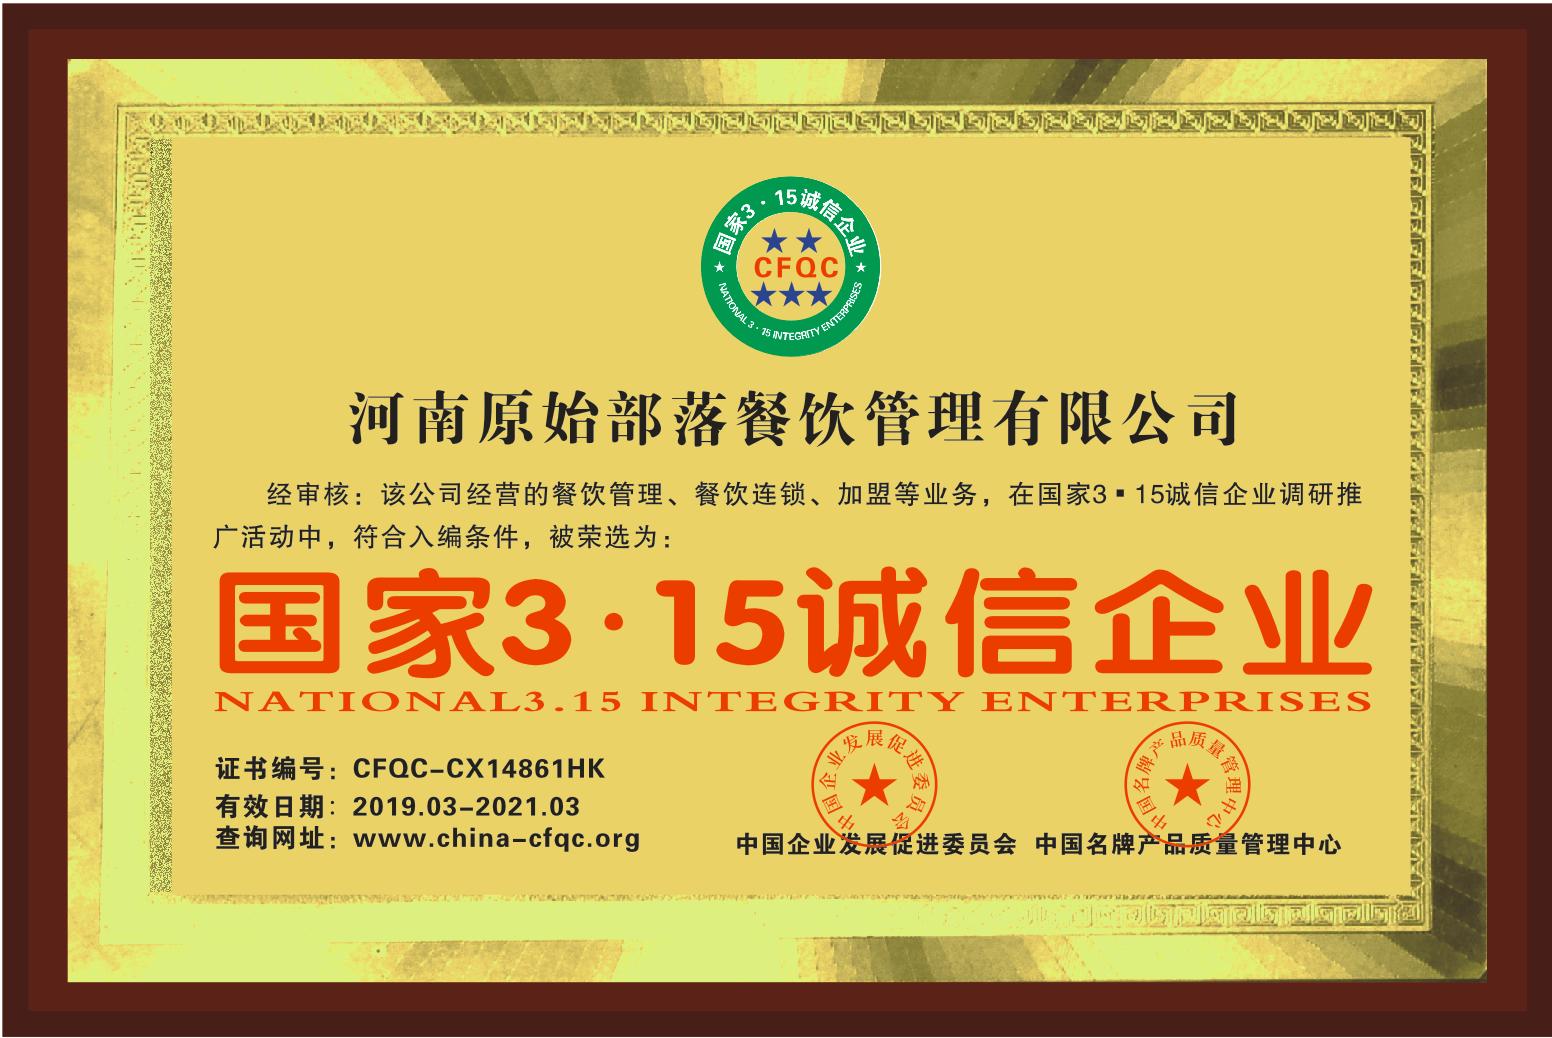 第一部落荣获国家3.15诚信企业